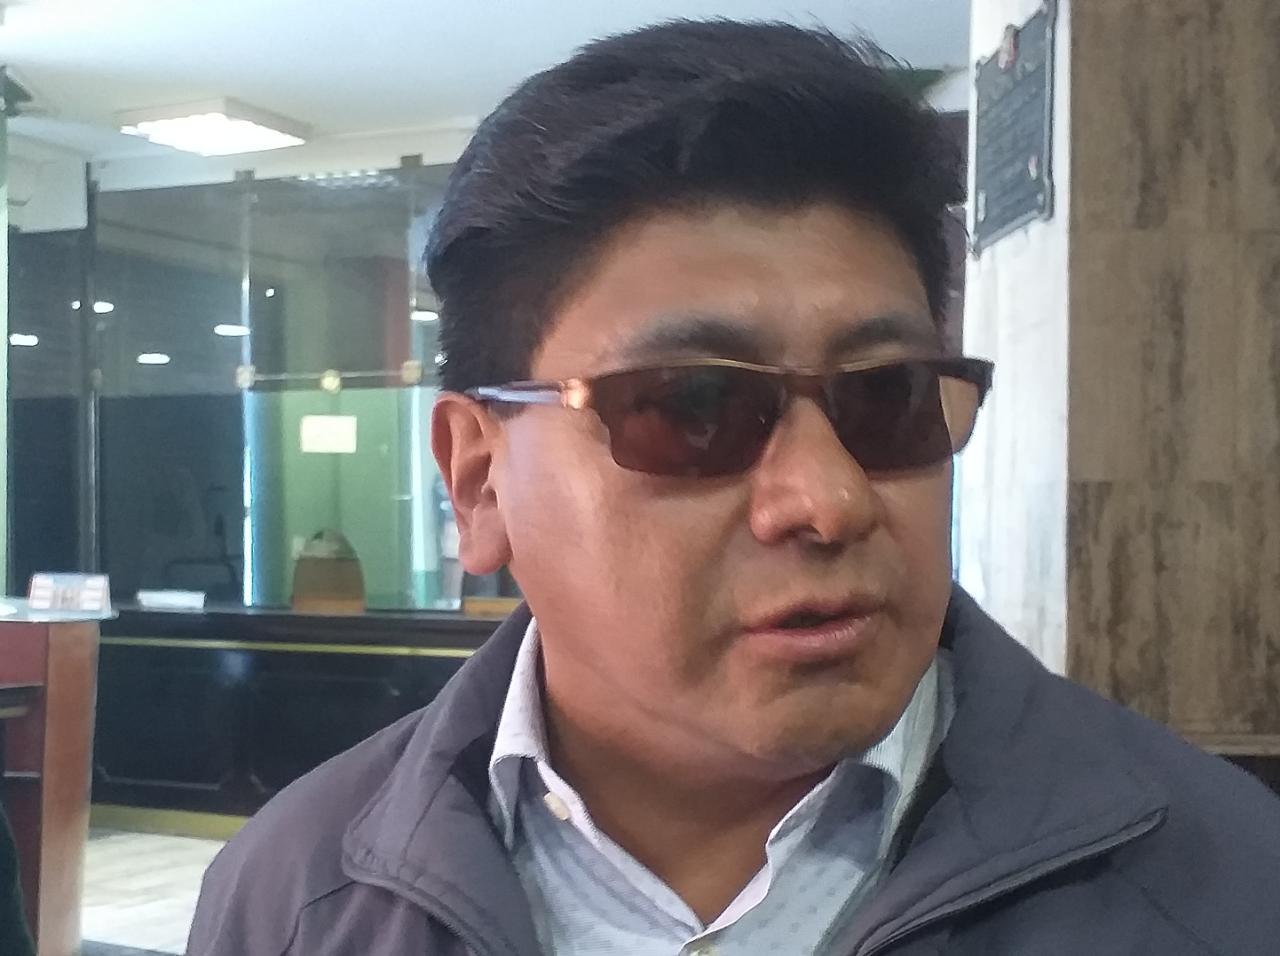 CASEGURAL ingresa en huelga general indefinida en demanda de la renuncia del gerente de CNS